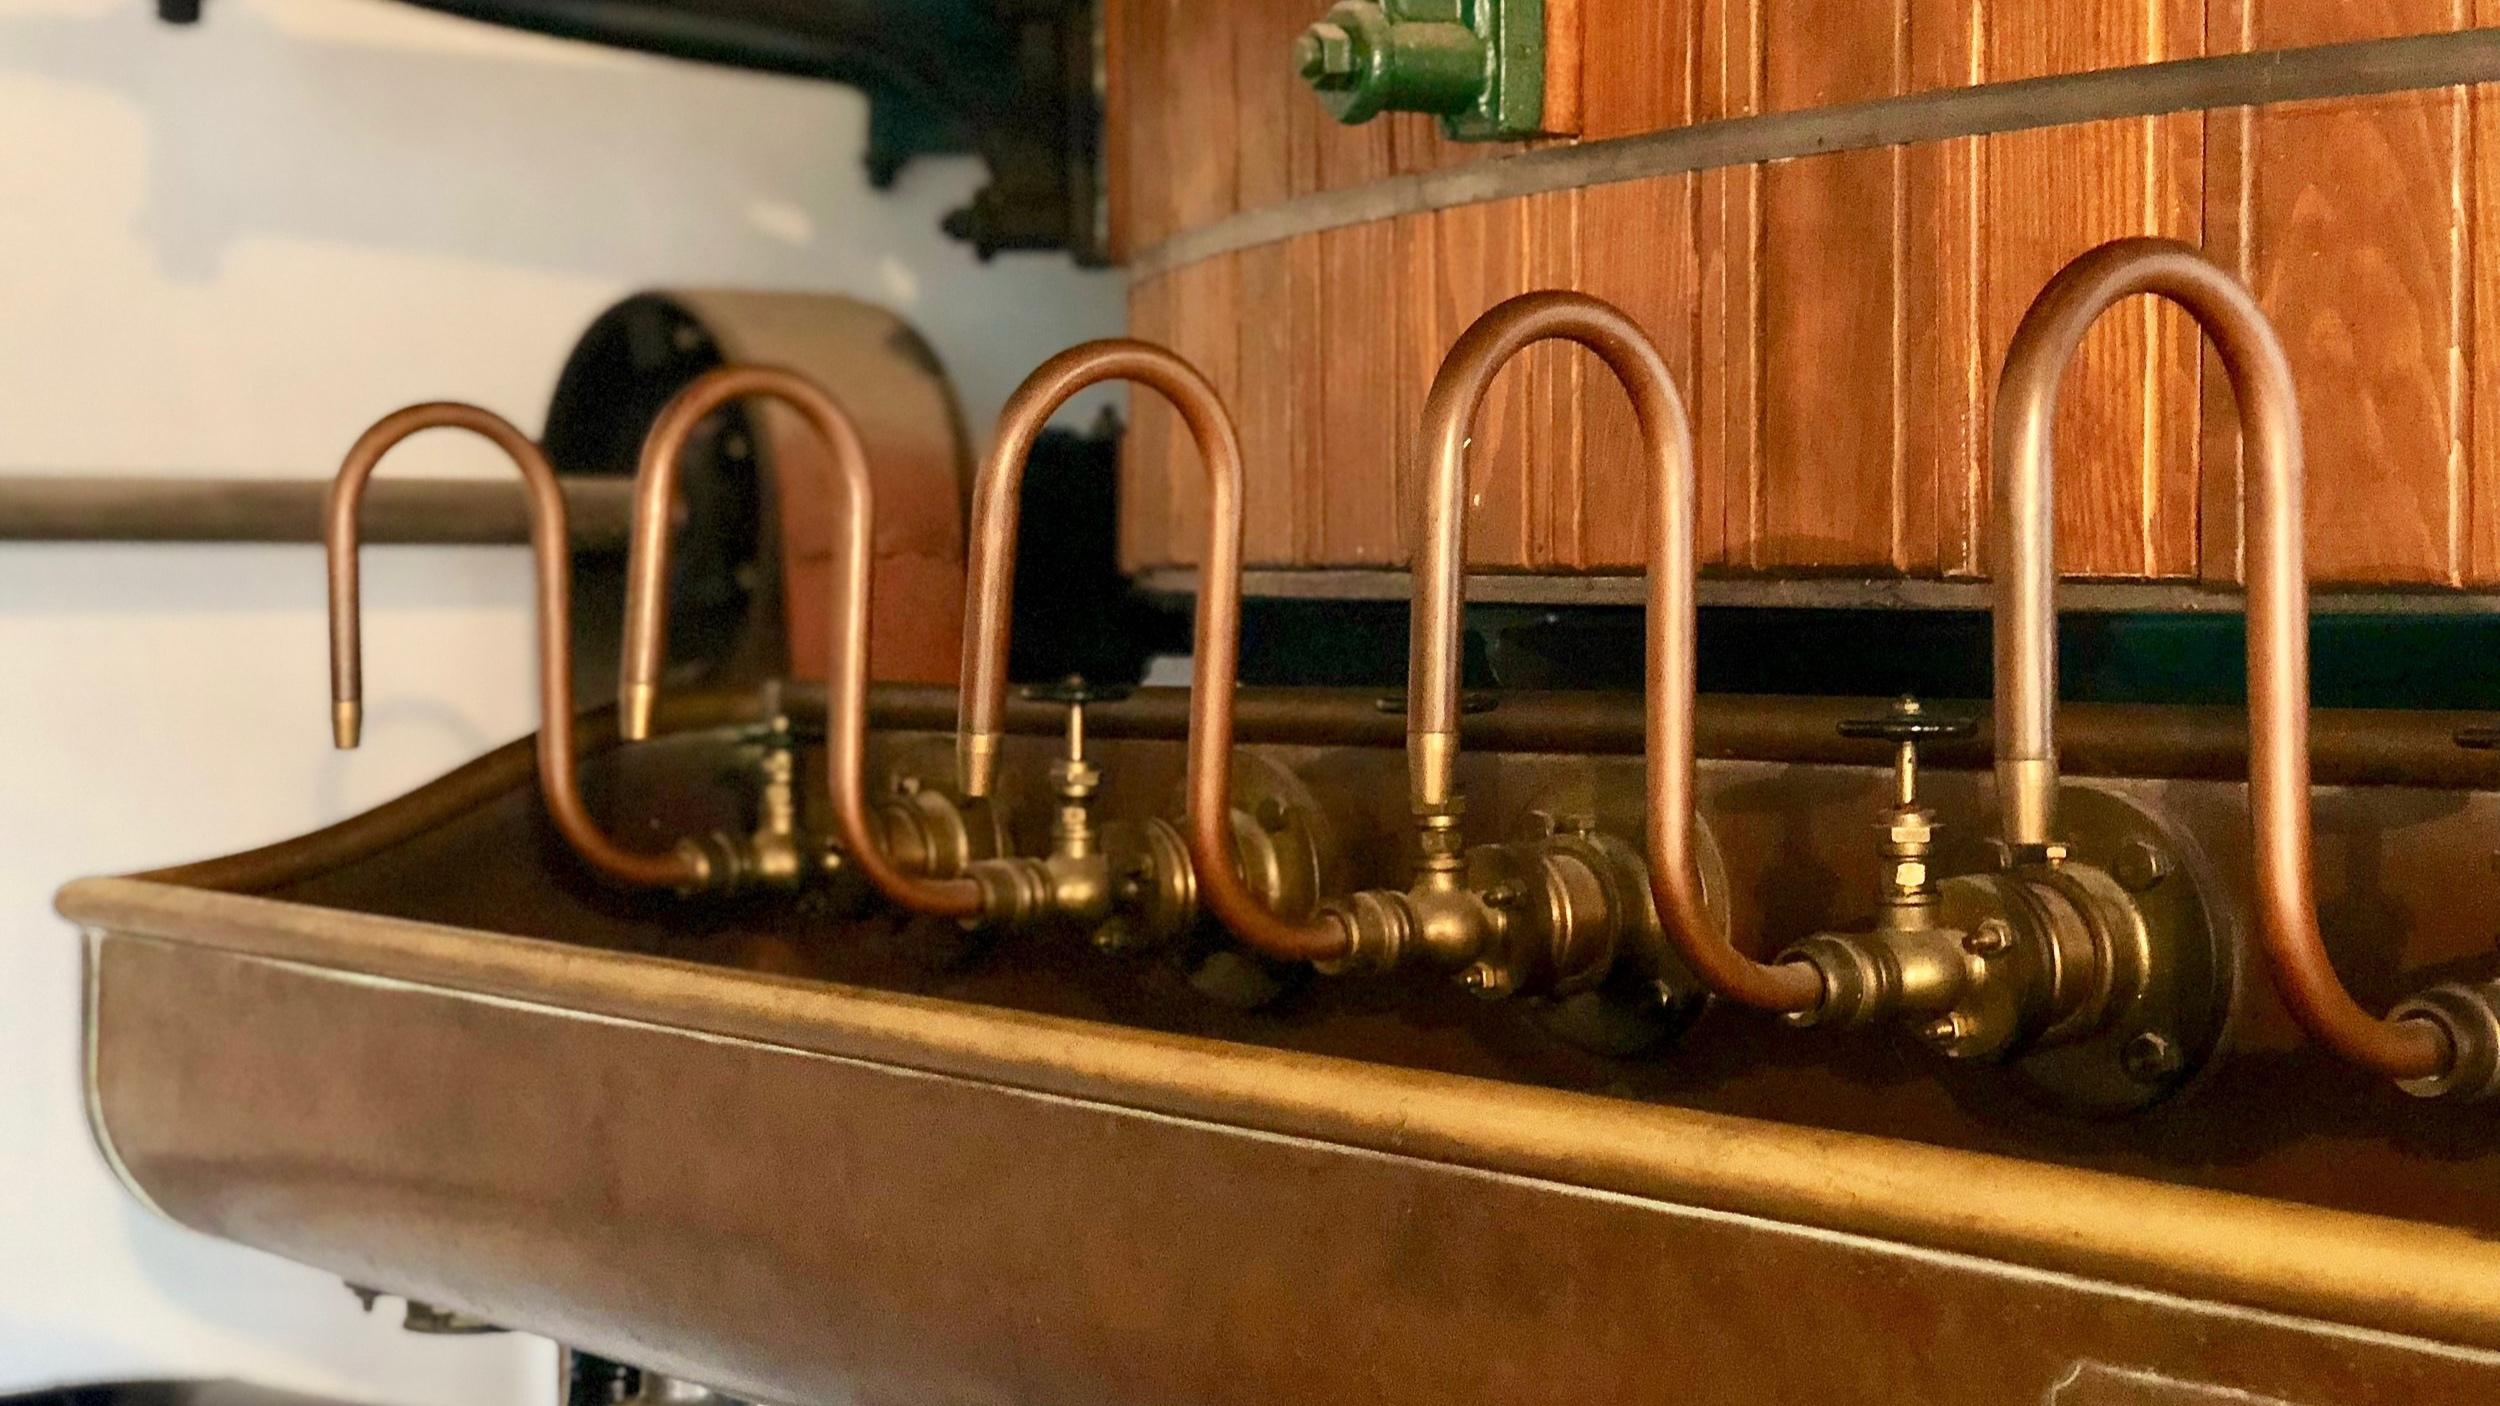 Pivo za Rakousko-Uherska - - prohlídka historické části pivovaru (stará kotelna, strojovna a zrekonstruovaná historická varna, místo natáčení slavné koupací scény z filmu Postřižiny), historie Dalešického pivovaru, parostrojní výroba piva- délka prohlídky cca 20 - 25 minut, počet osob min. 5 – max. 20Vstupné: dospěláci 60,-děti do 6 let, držitelé průkazu ZTP/P: zdarmaděti 6 - 15 let + studenti: 30 Kč/os.